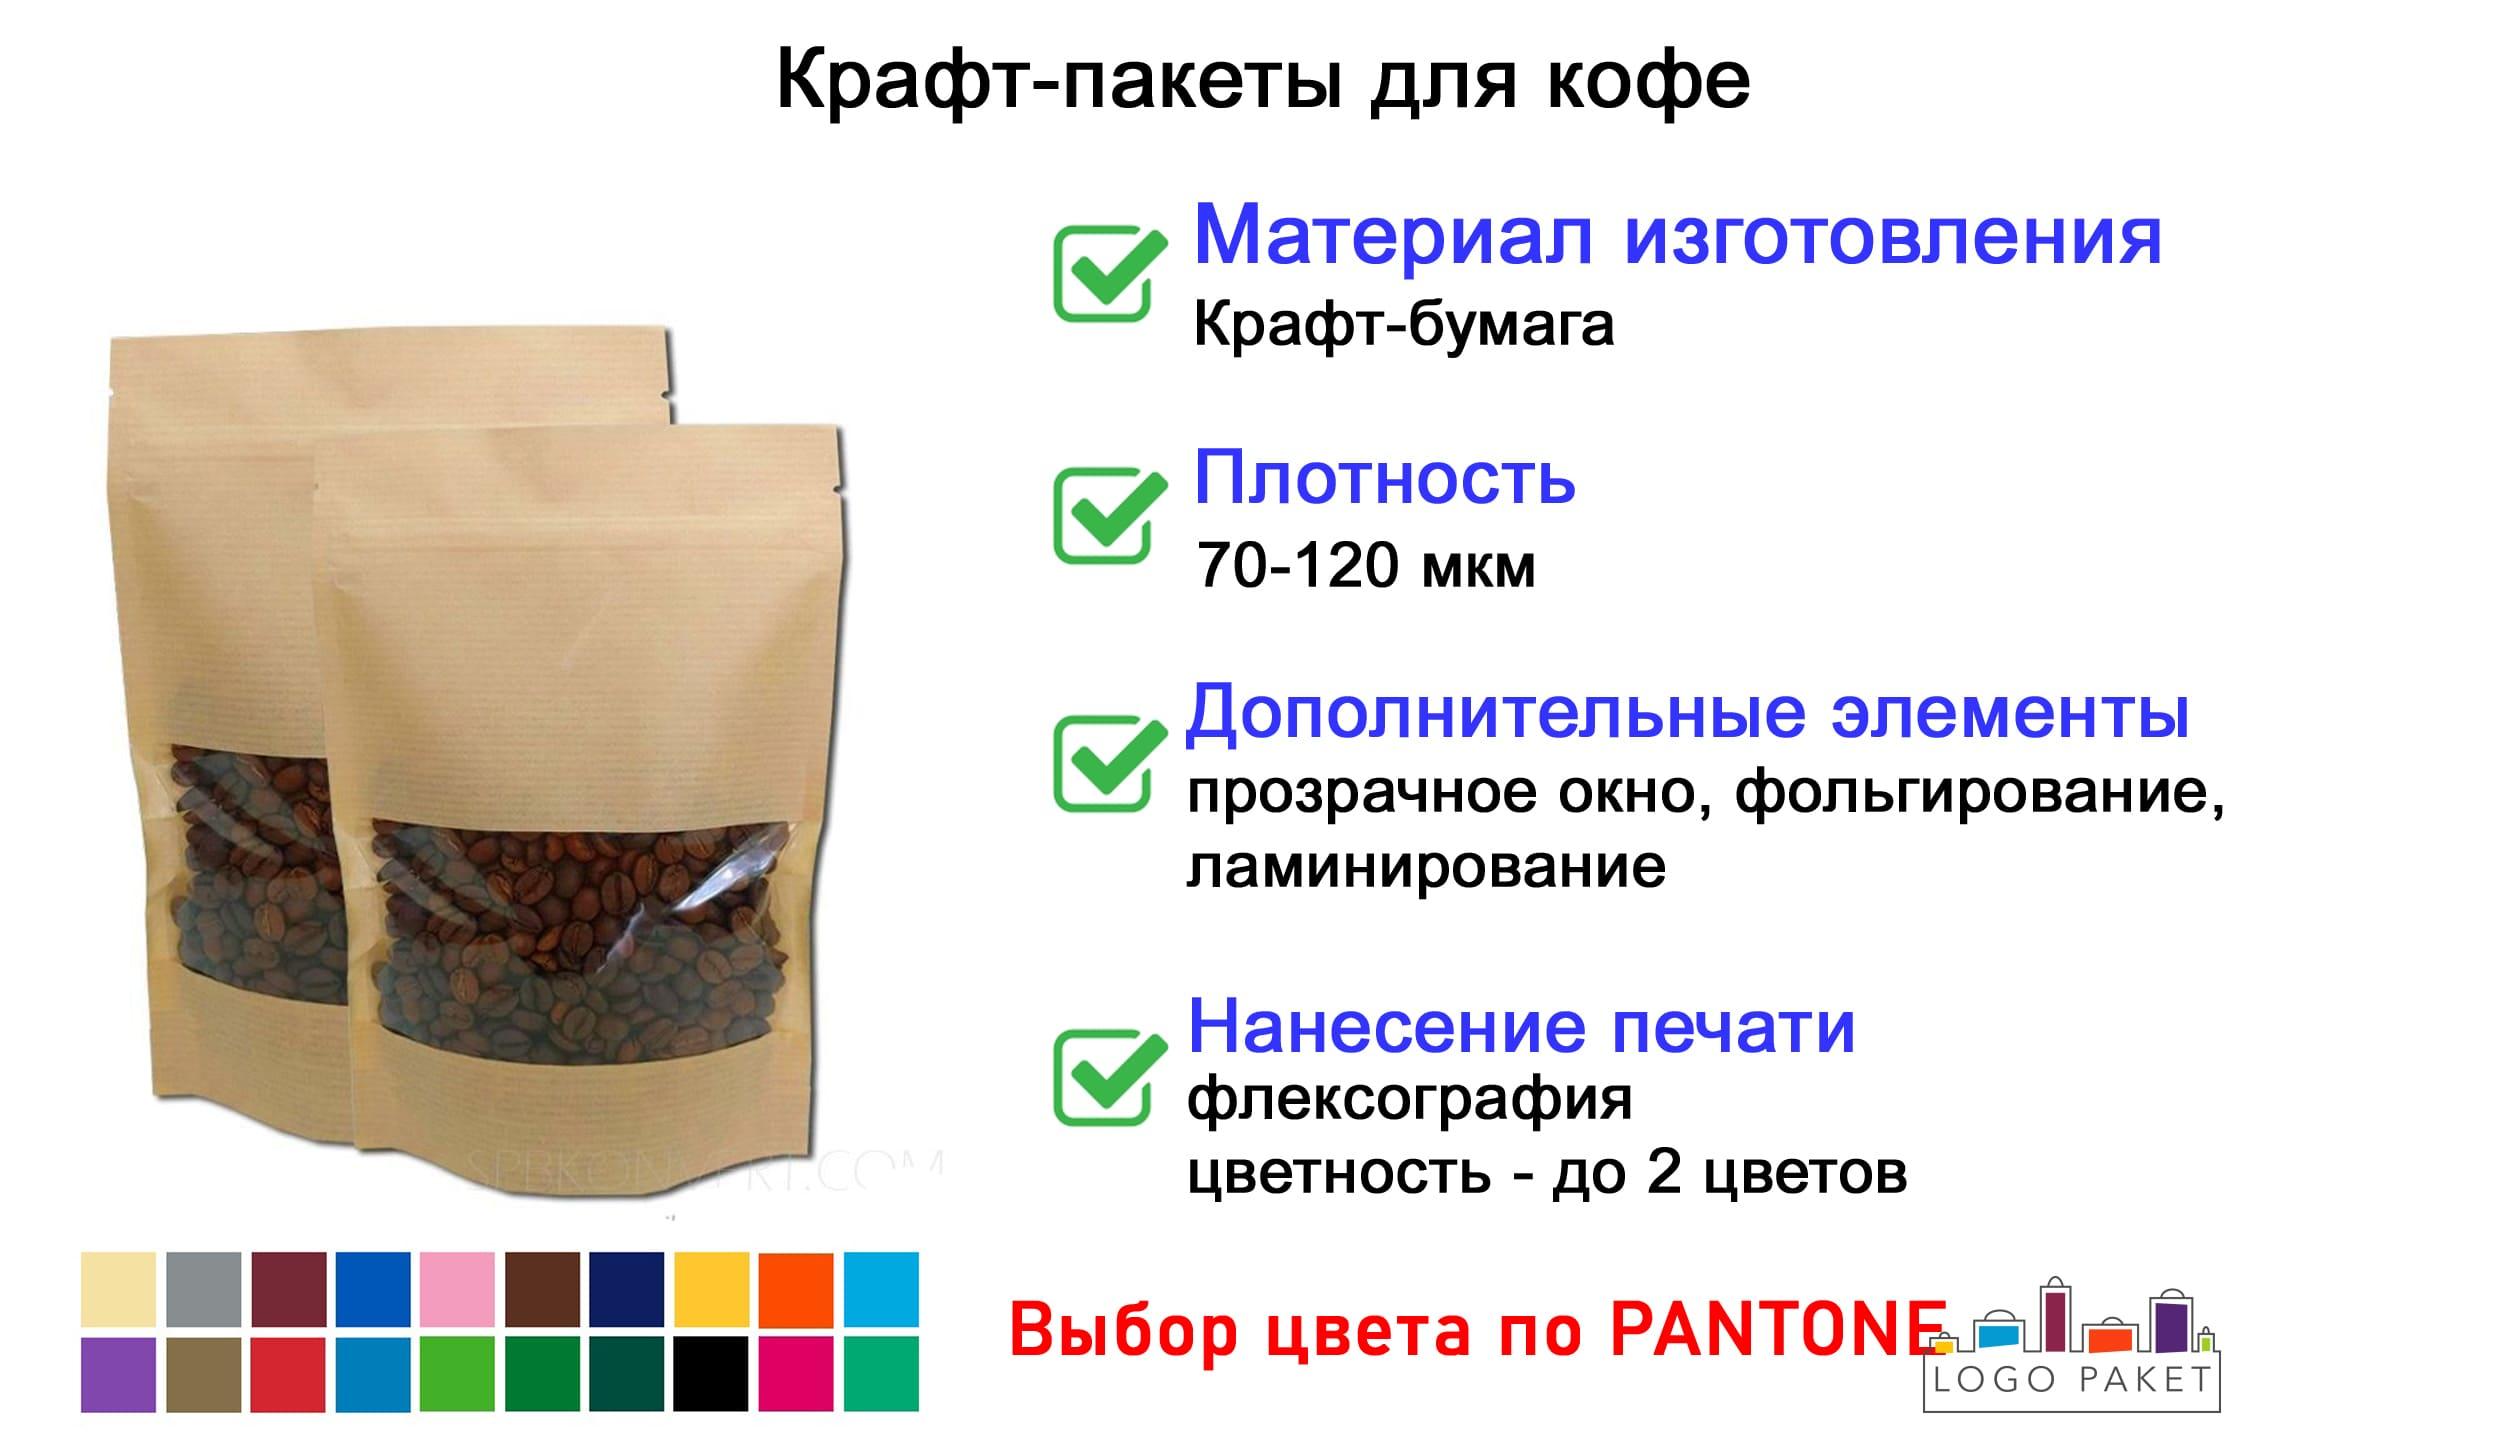 Крафт-пакеты для кофе инфографика